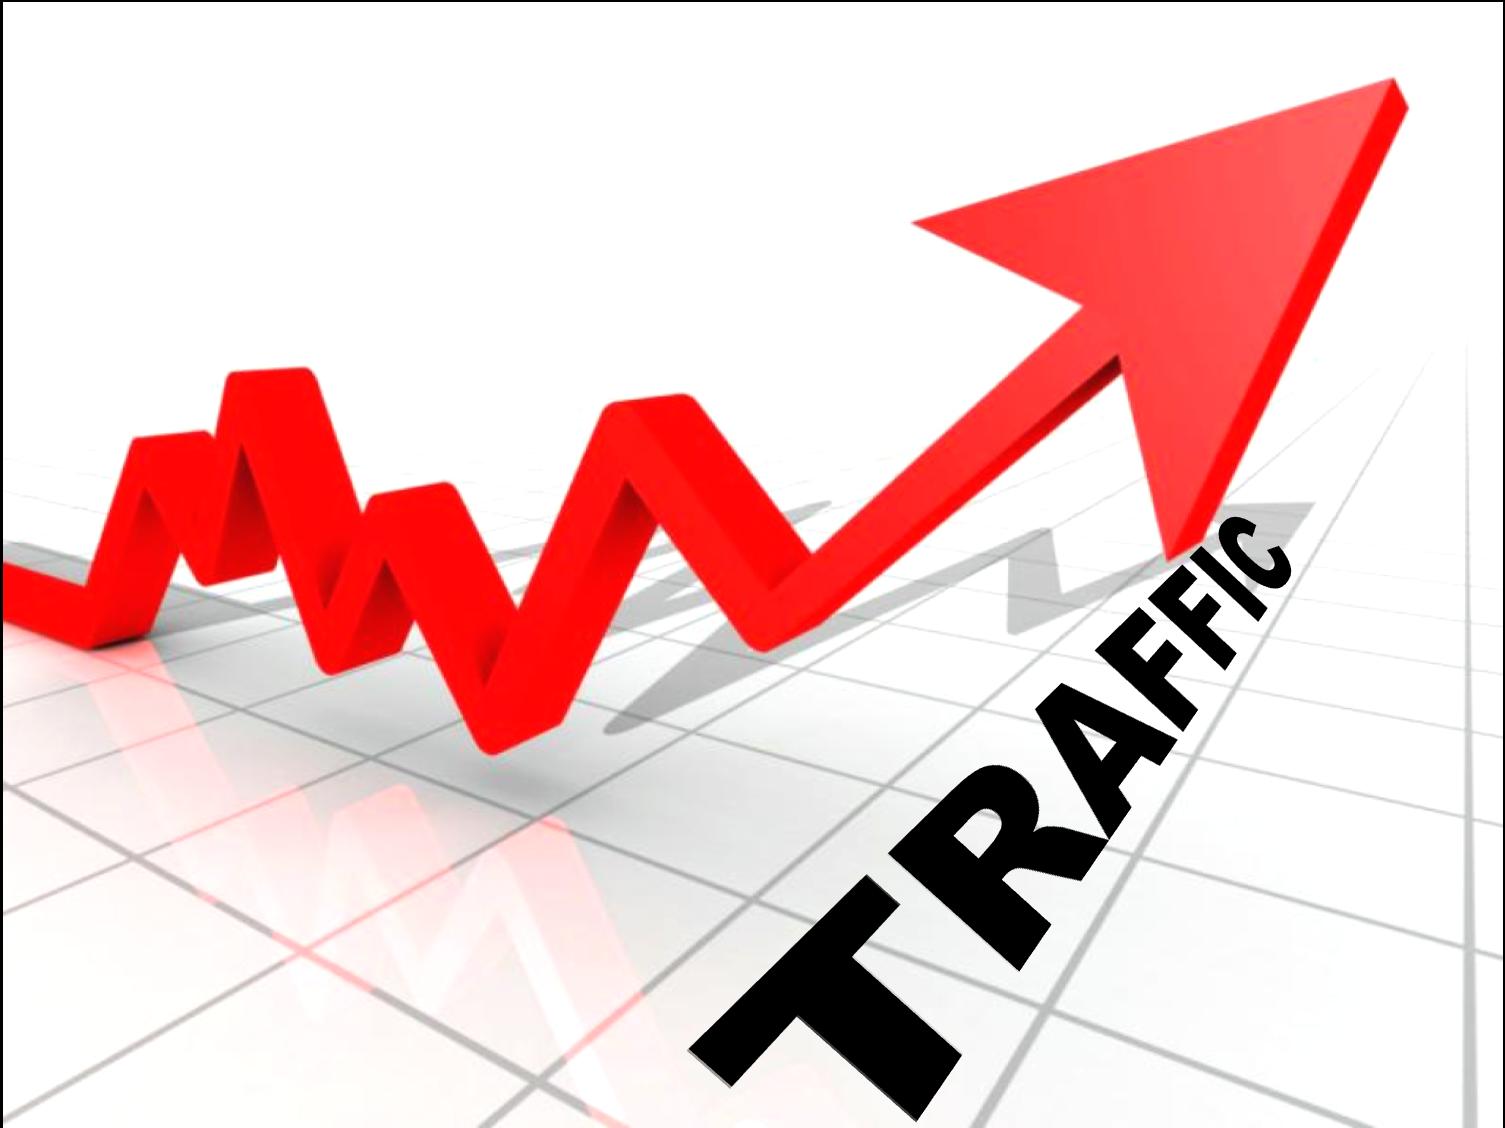 Kiat-kiat Meningkatkan Traffic Blog Dan Website